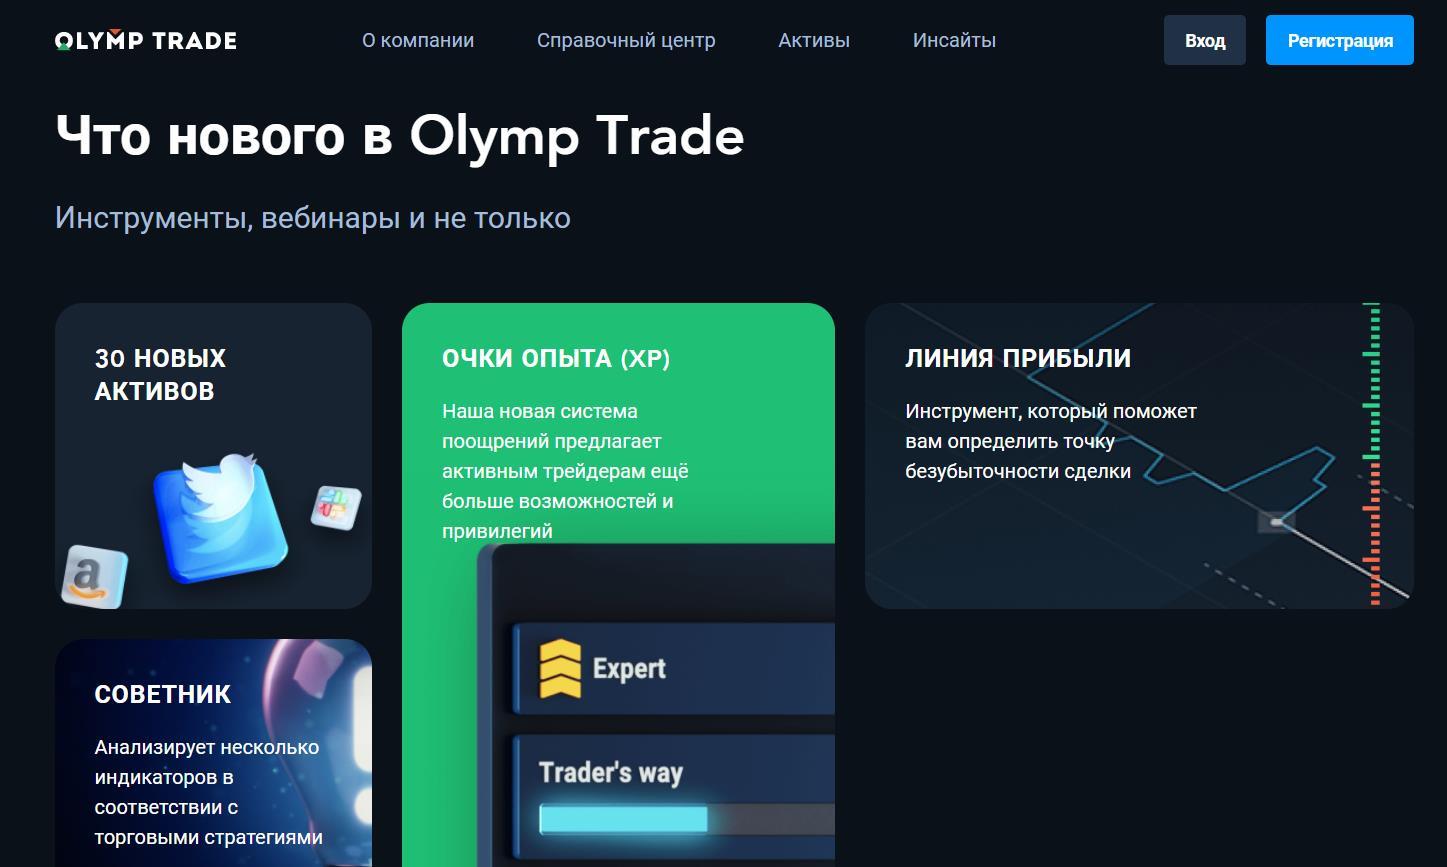 как проходит торговля olymptrade